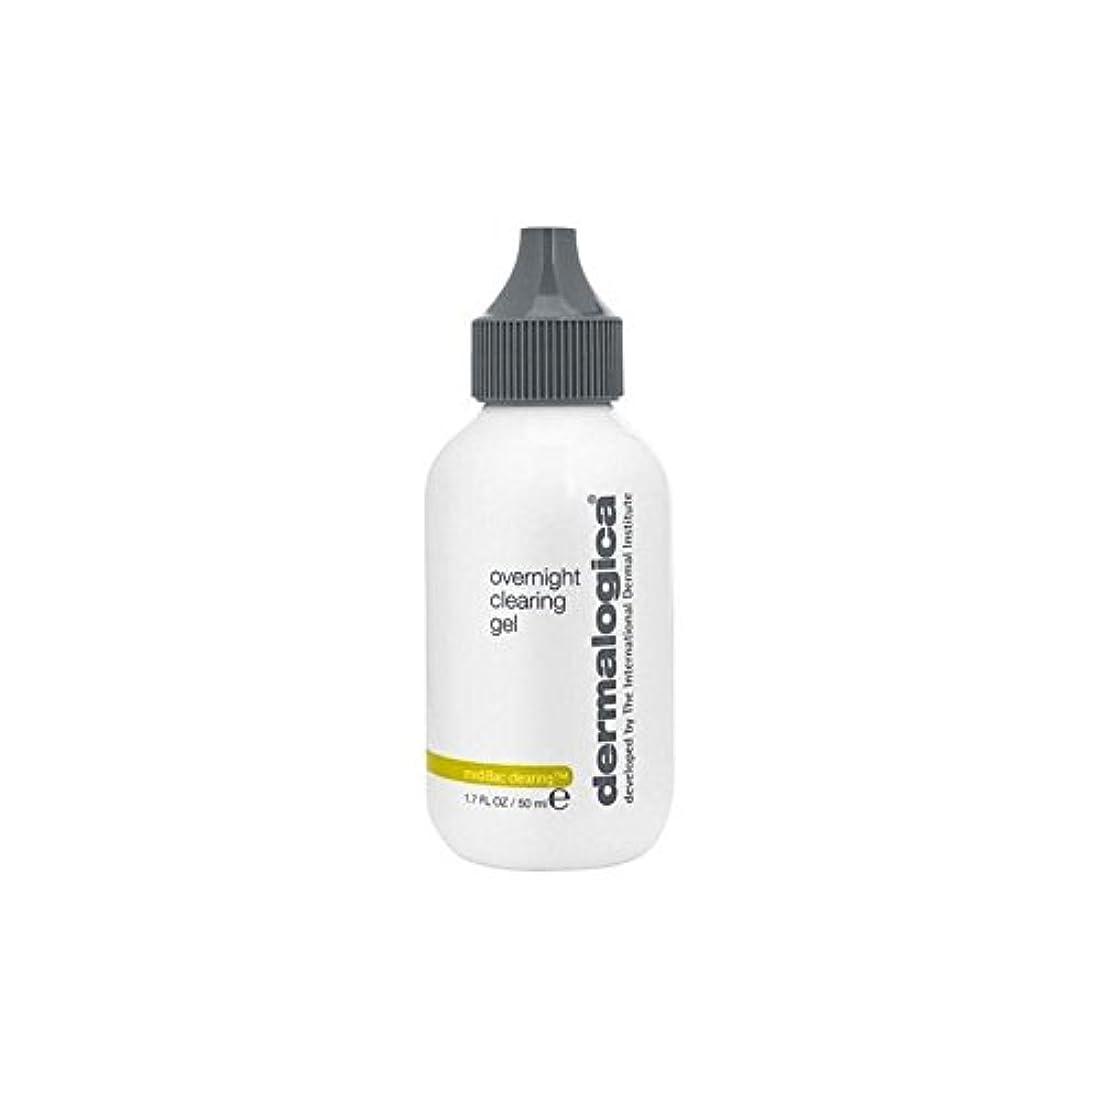 曇った輝度不調和ダーマロジカ一晩透明ゲル(50)中 x2 - Dermalogica Medibac Overnight Clearing Gel (50ml) (Pack of 2) [並行輸入品]